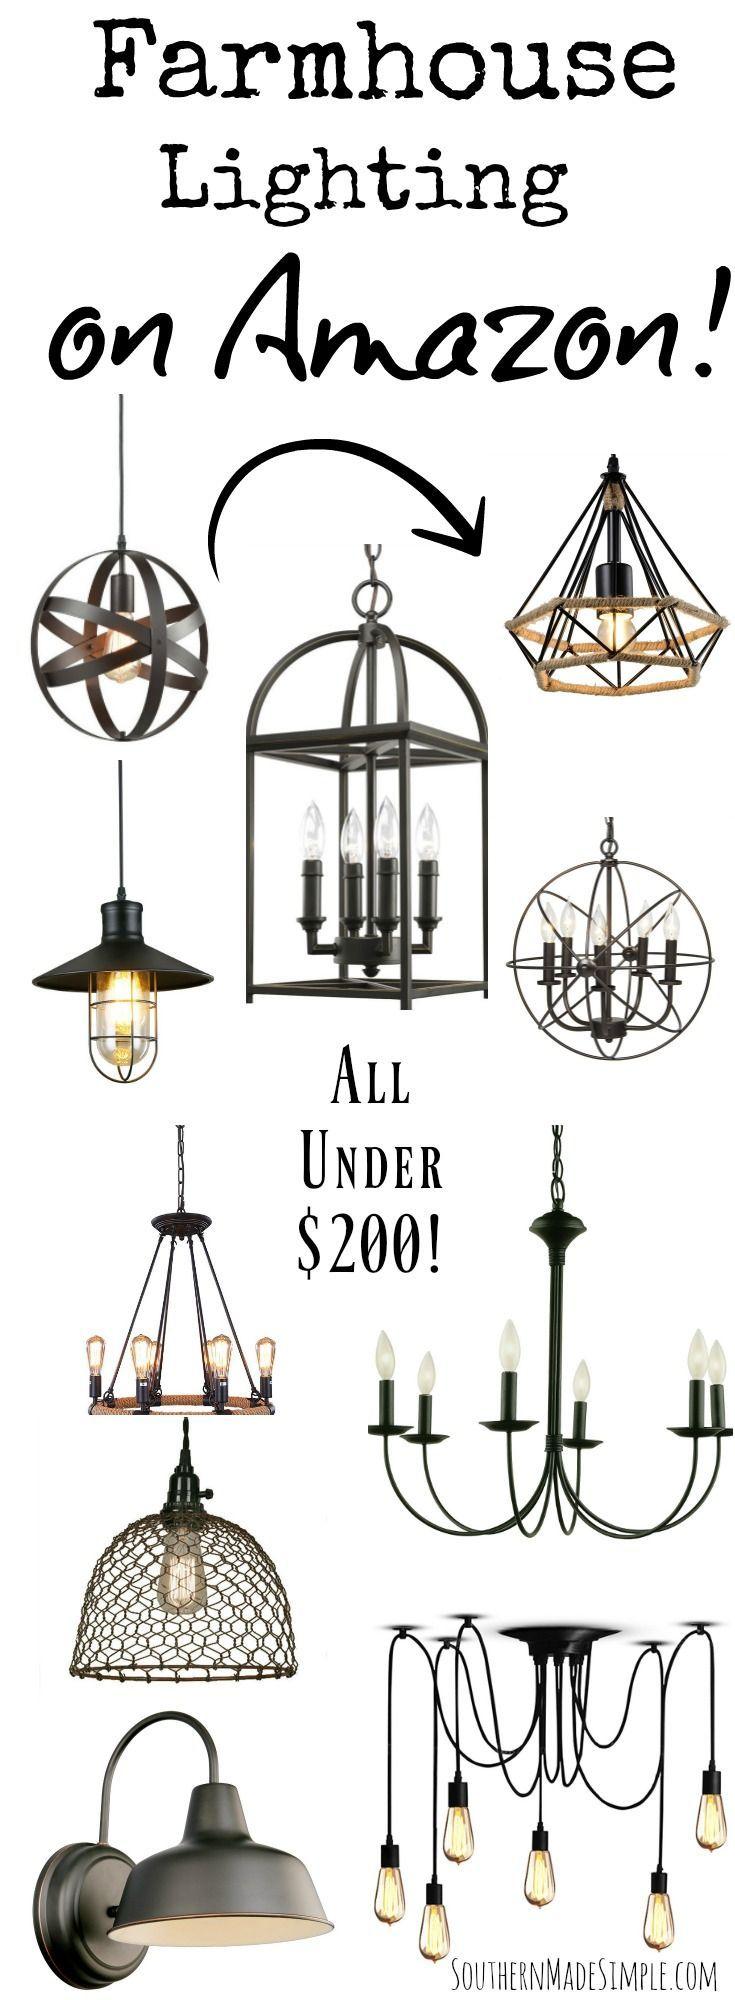 Farmhouse Light Fixtures Under $200 {on Amazon